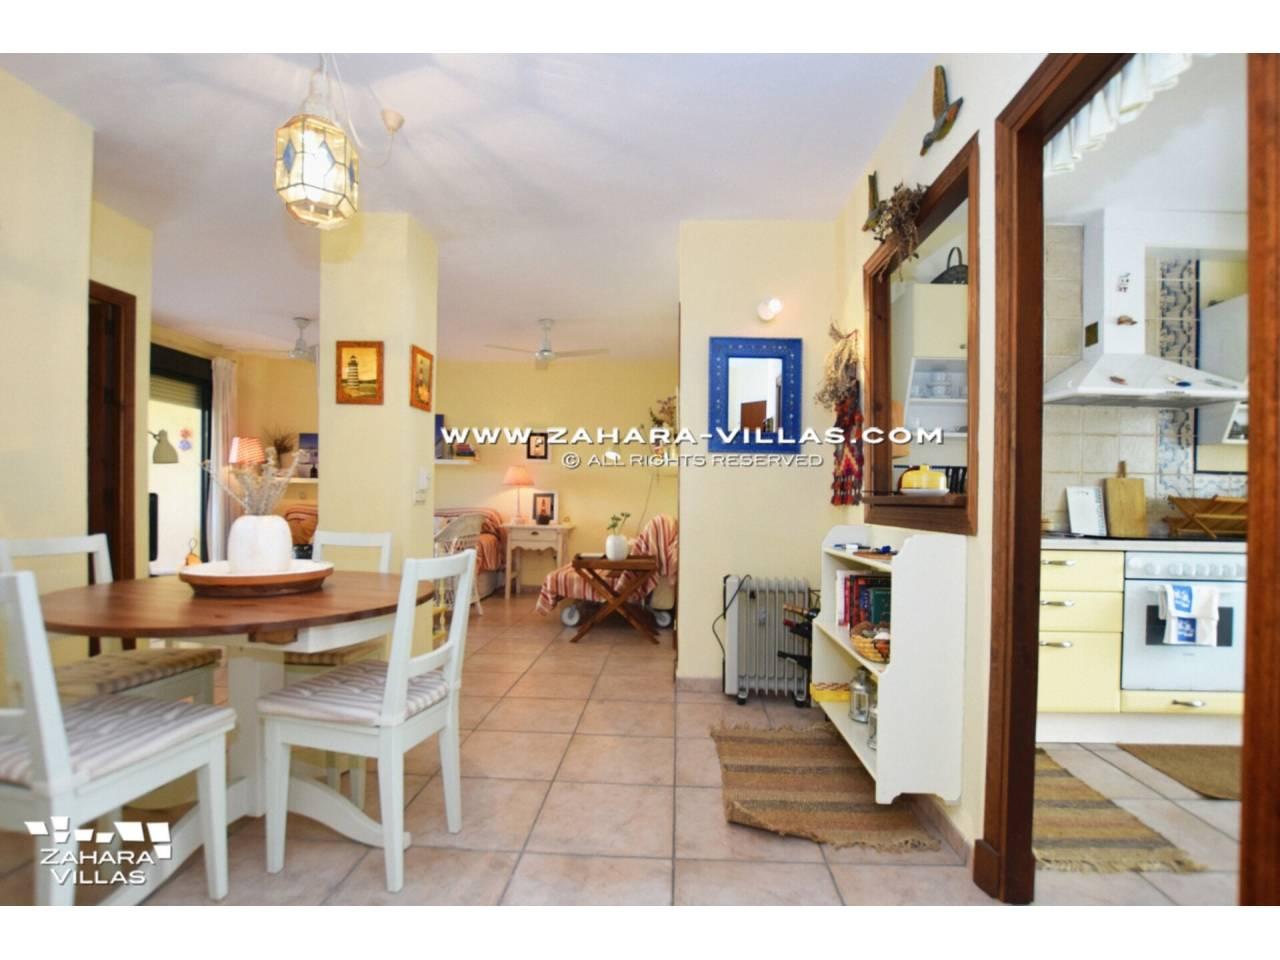 Imagen 22 de Coqueto apartamento en venta en urbanización Jardines de Zahara - Atlanterra